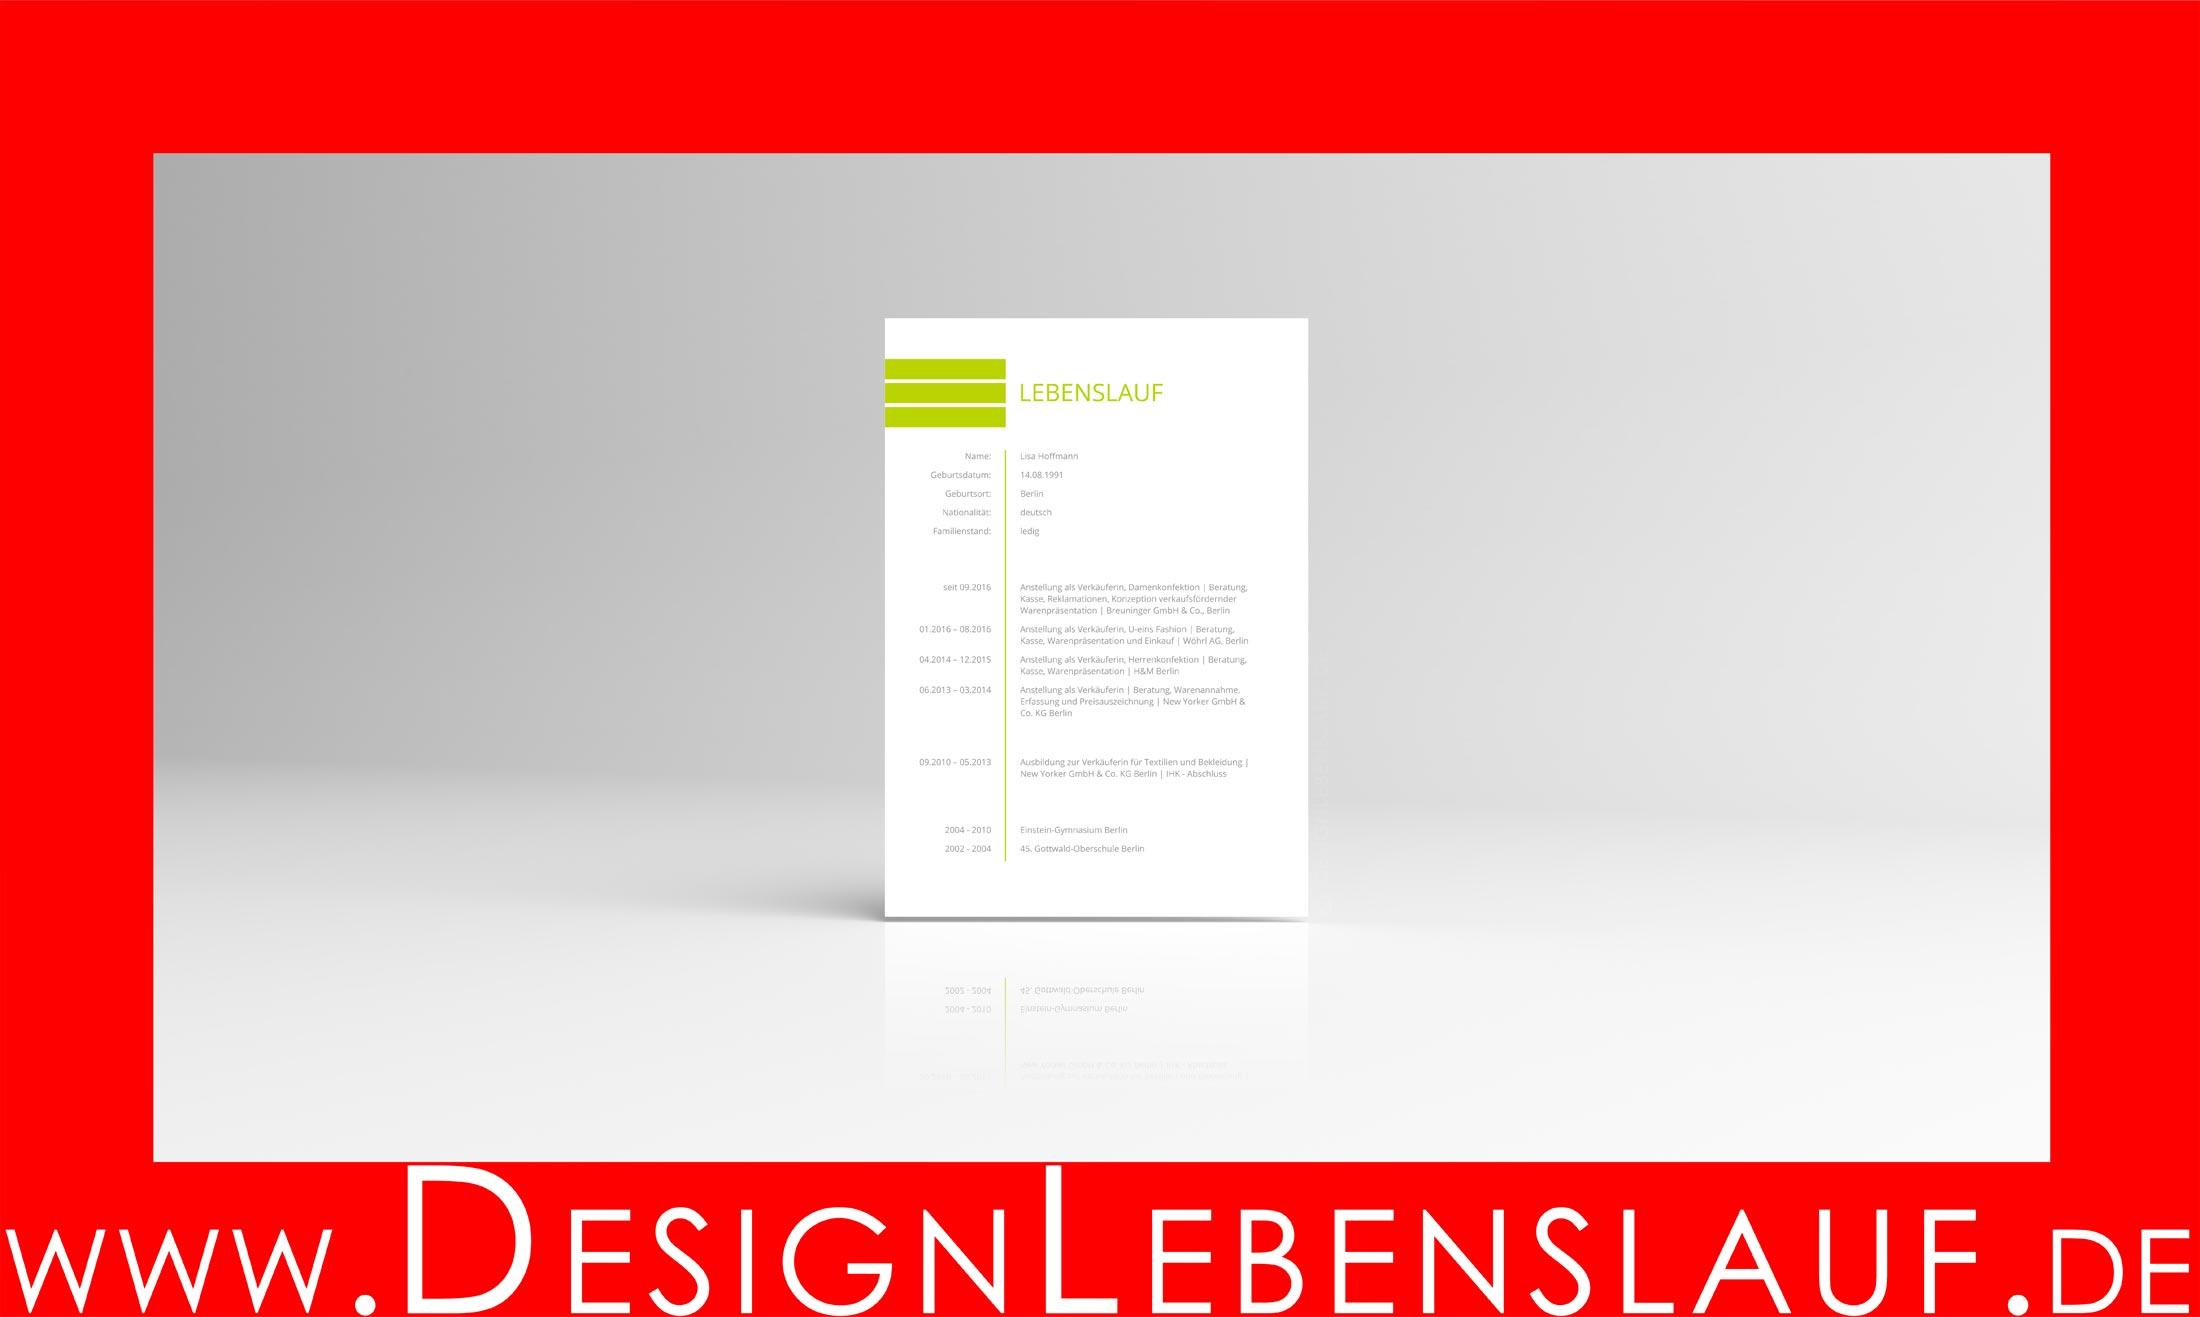 Bewerbung Design mit Anschreiben + Lebenslauf + Deckblatt